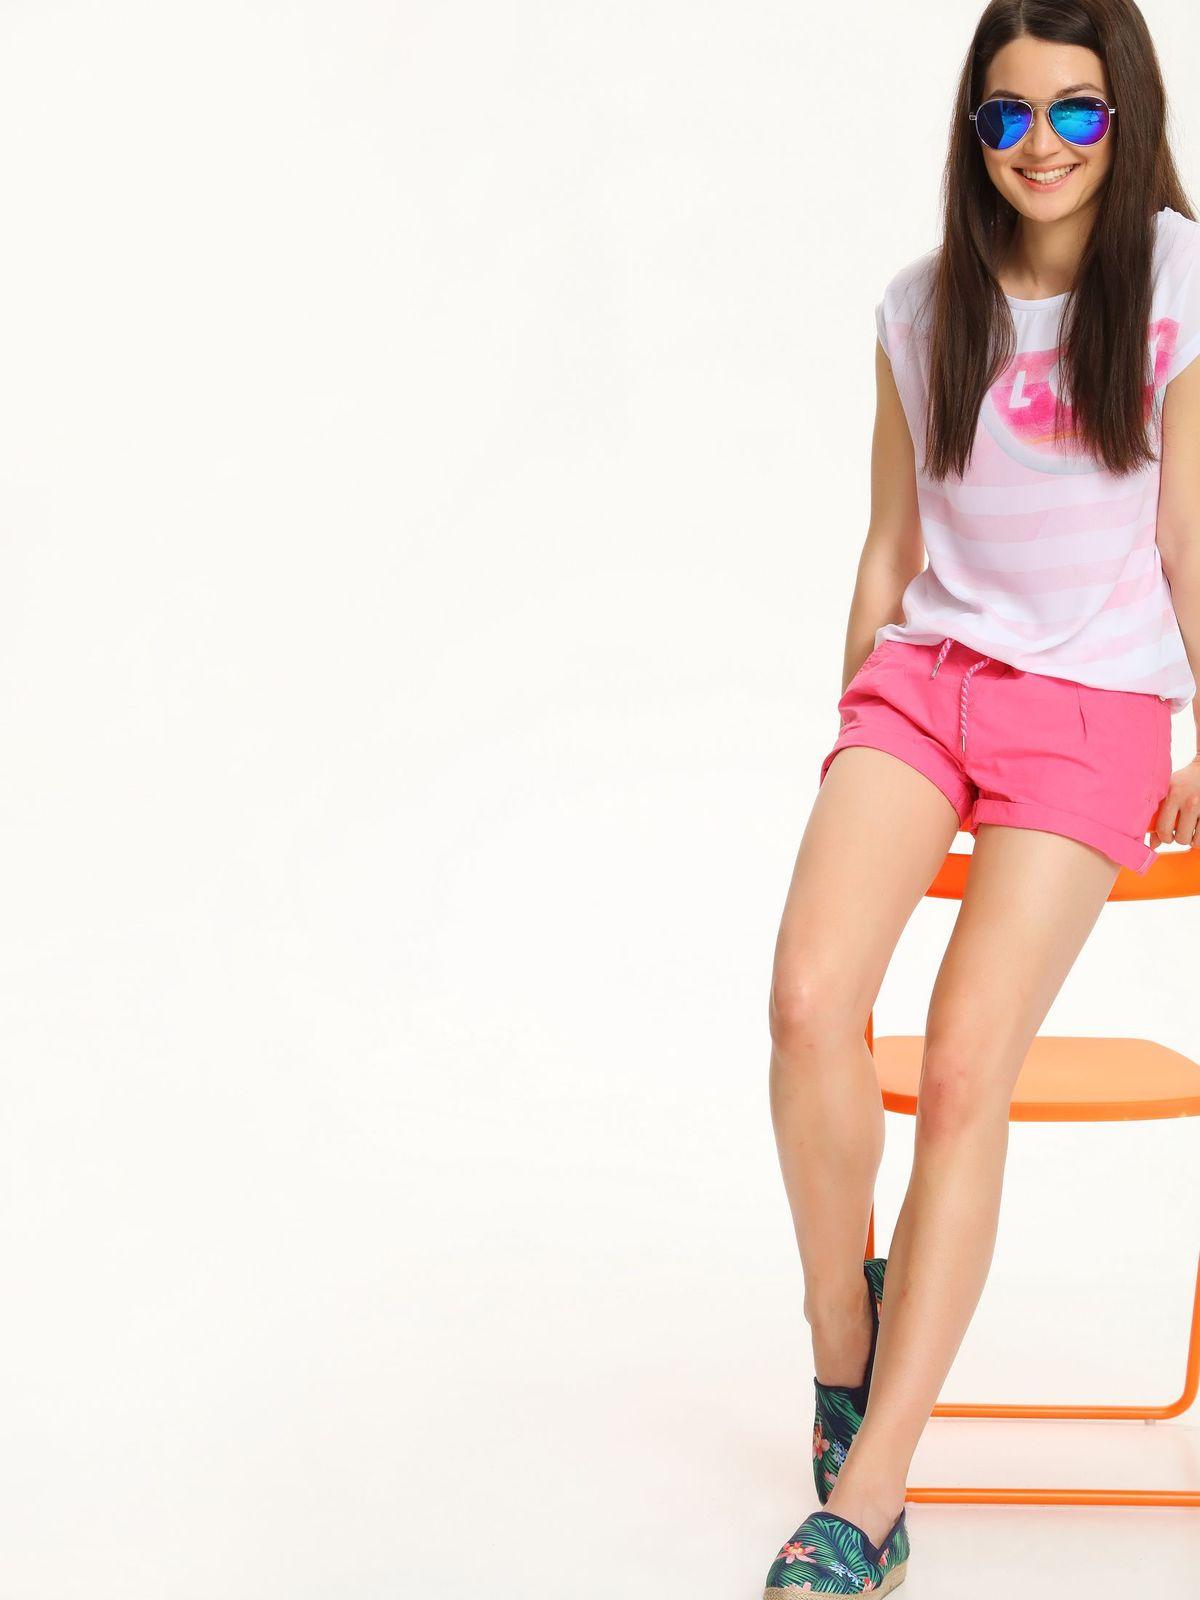 Блузка женская Troll, цвет: белый, розовый. TBK0144BI. Размер XS (42)TBK0144BIСтильная женская блузка Troll, выполненная из вискозы и полиэстера, подчеркнет ваш изысканный вкус.Модель c короткими цельнокроеными рукавами и круглым вырезом горловины не имеет застежек. Блузка оформлена оригинальным контрастным принтом и дополнена по низу эластичной резинкой.